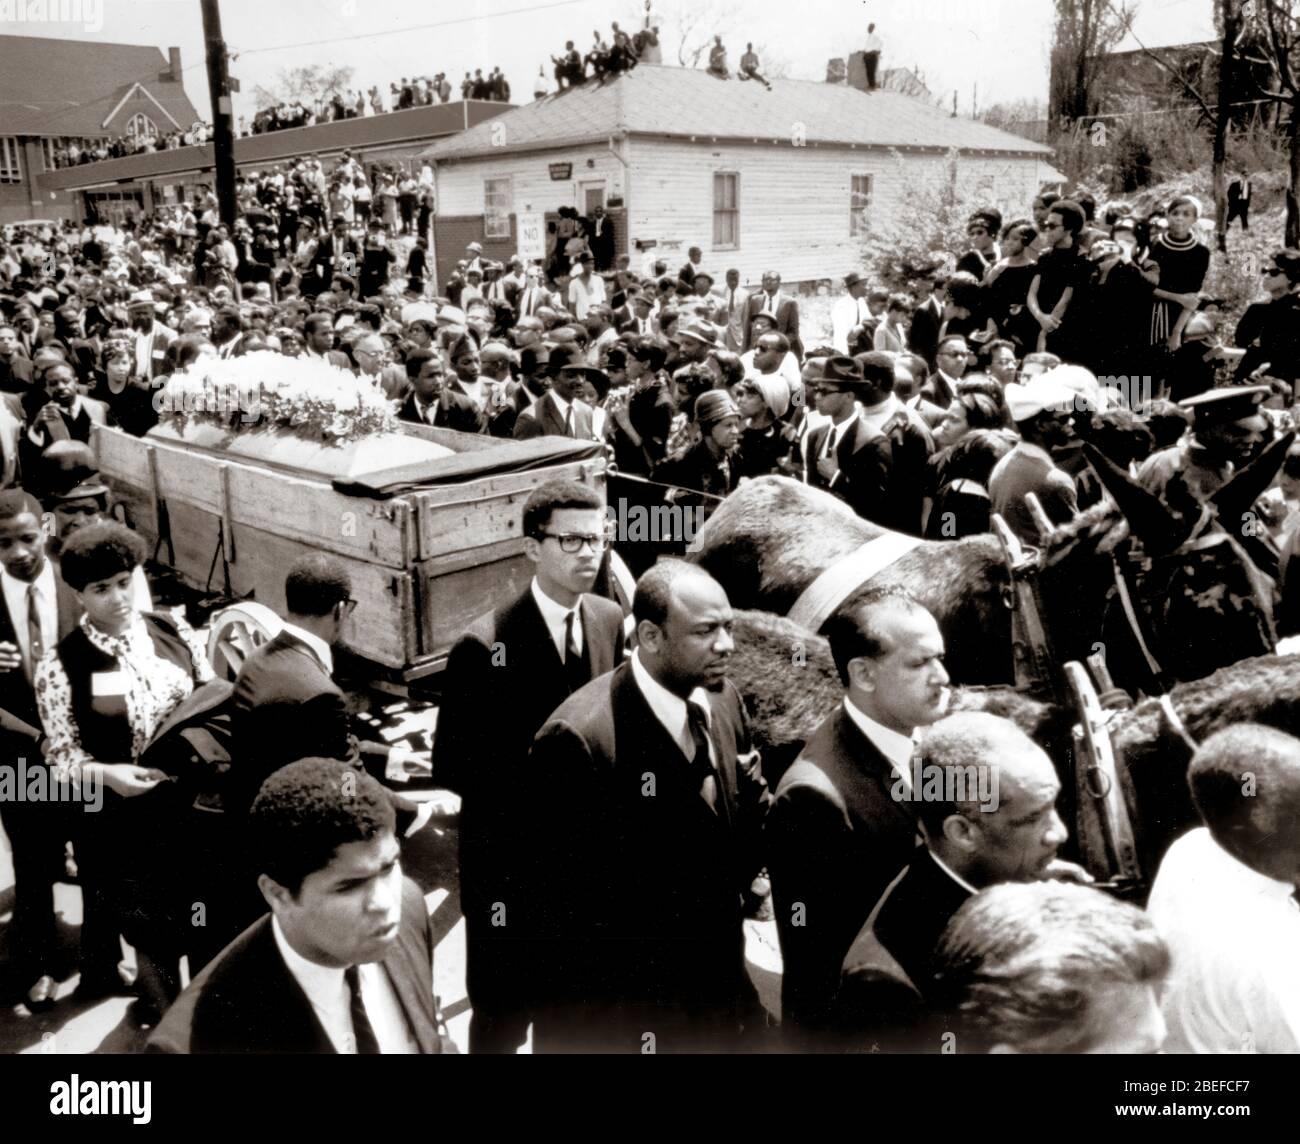 Il funerale del ministro dei diritti civili ucciso Martin Luther King Jr. Martin Luther King Jr. (Nato Michael King Jr.; 15 gennaio 1929 – 4 aprile 1968) è stato un ministro e attivista cristiano americano che è diventato il portavoce più visibile e leader nel movimento per i diritti civili dal 1955 fino al suo assassinio nel 1968. Foto Stock